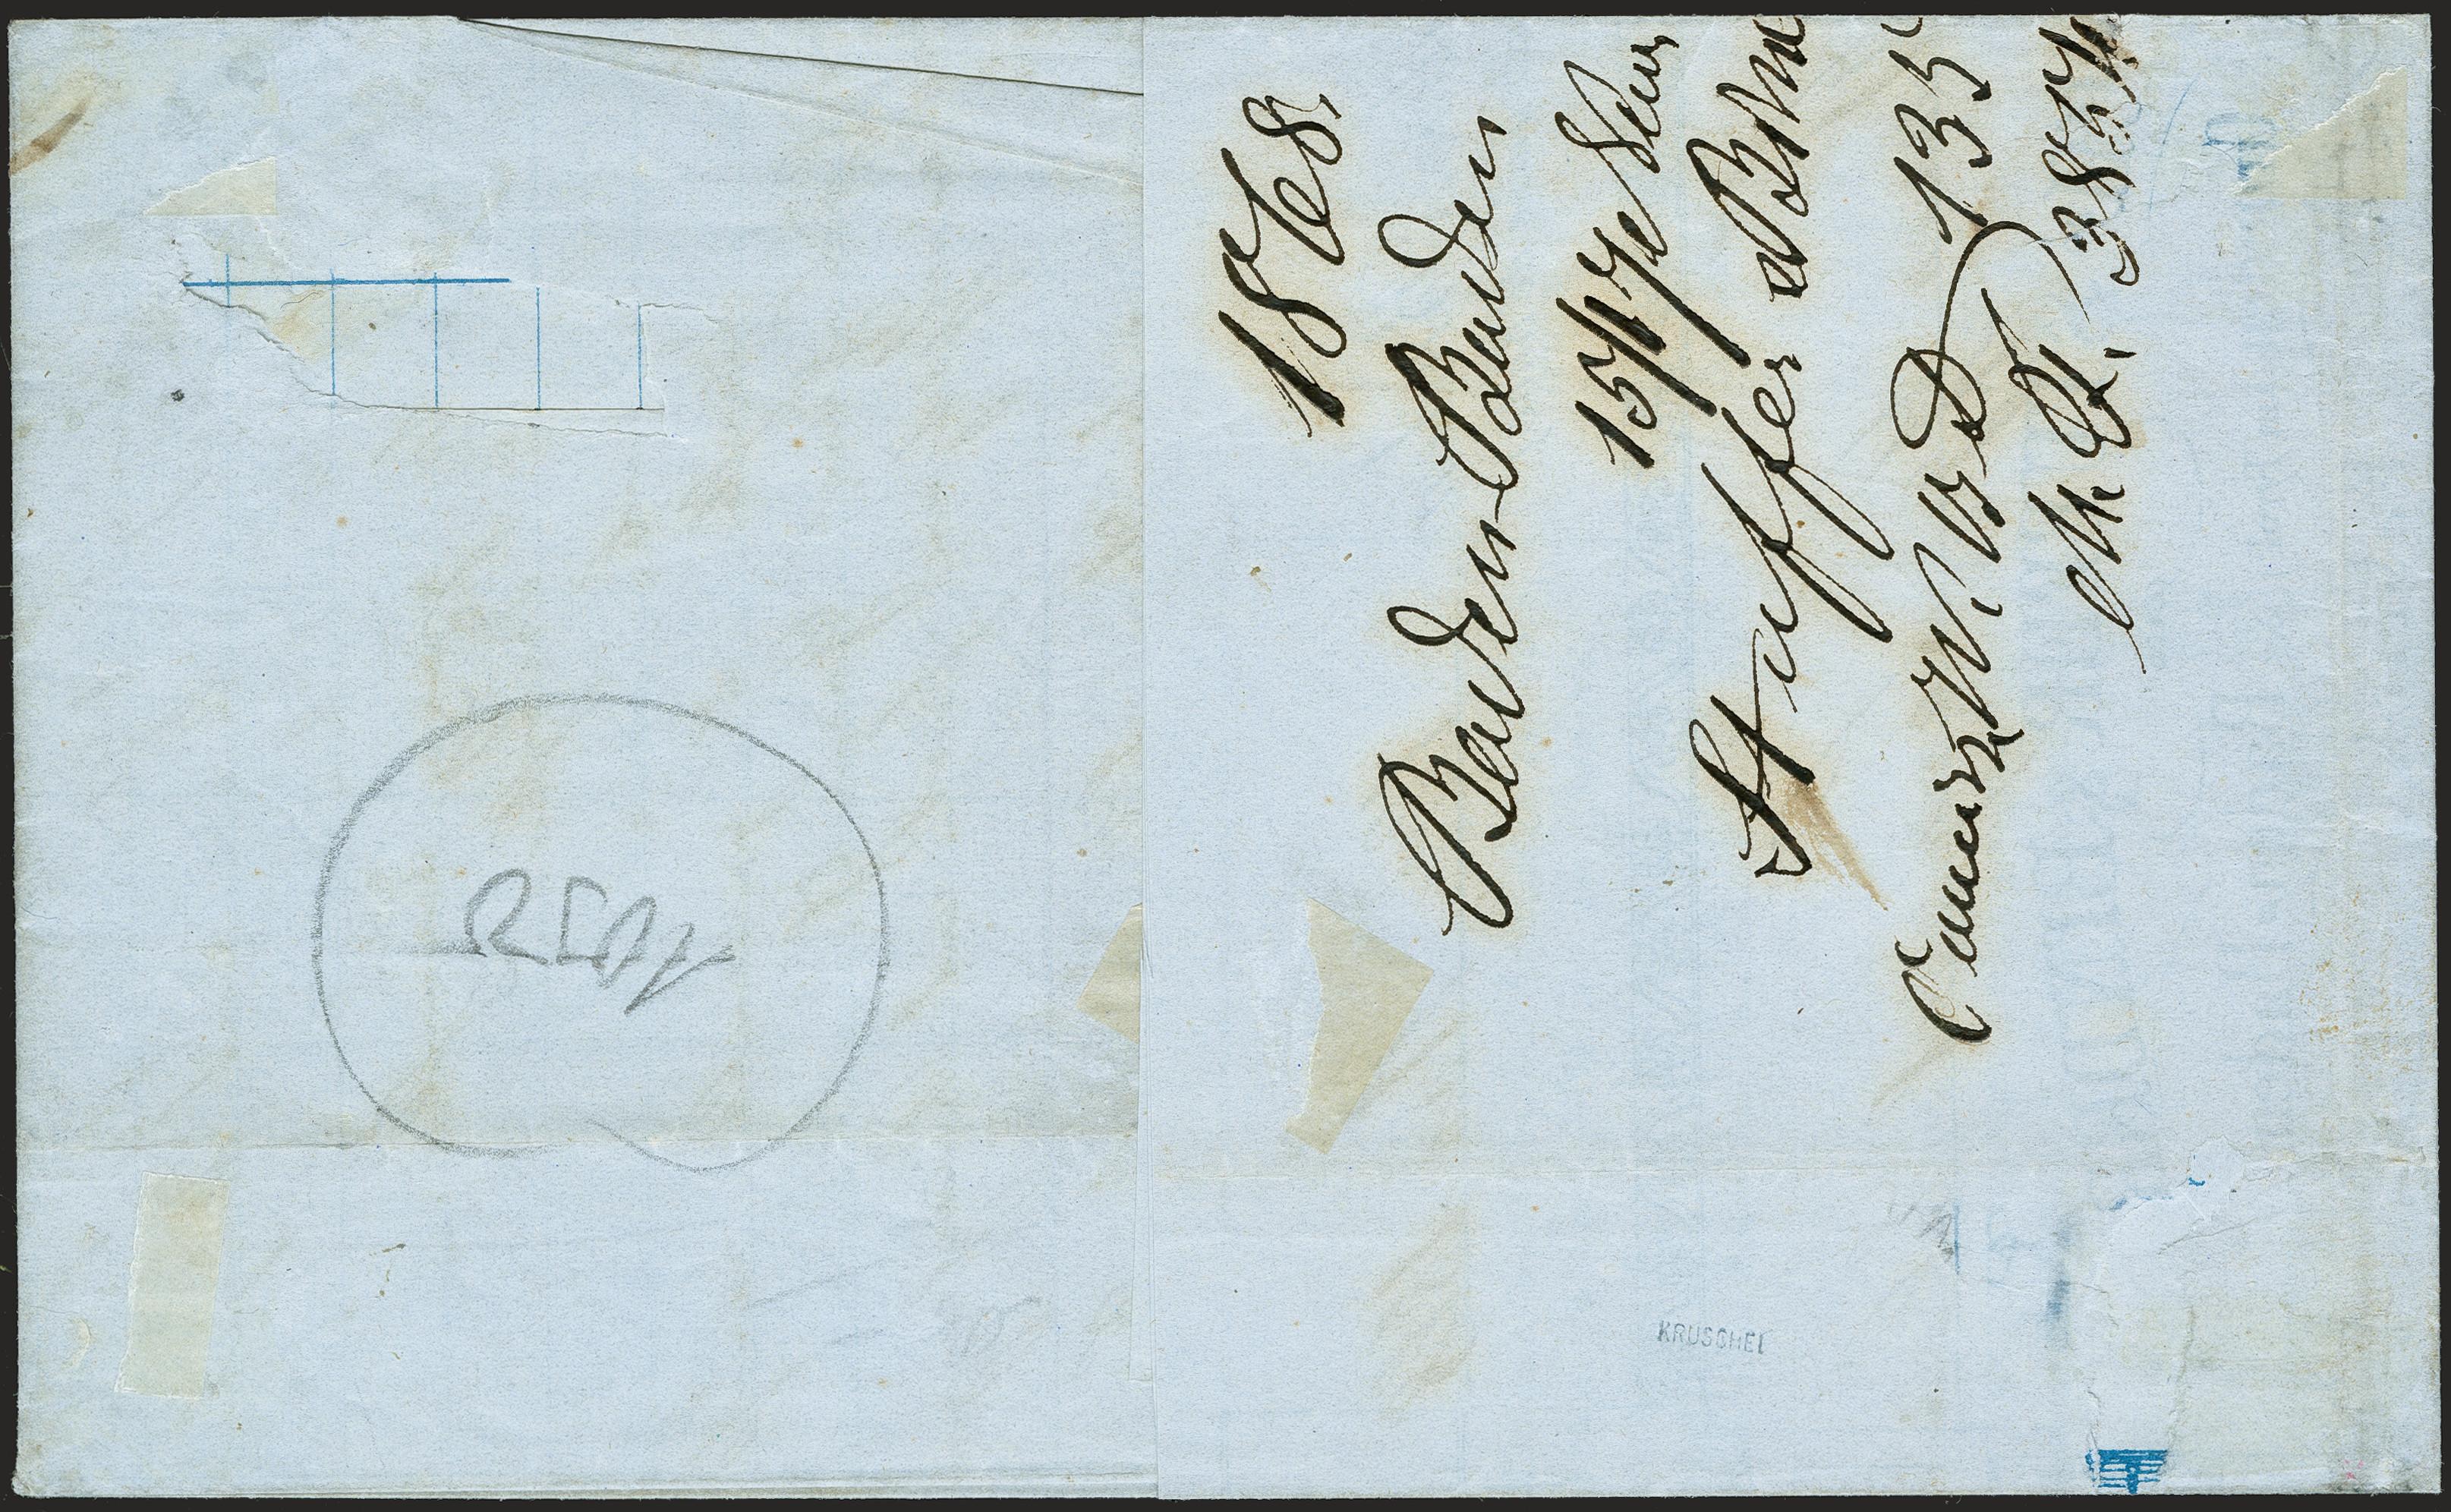 Lot 8 - Altdeutsche Staaten Baden -  Heinrich Koehler Auktionen 372nd Auction - The ERIVAN Collection